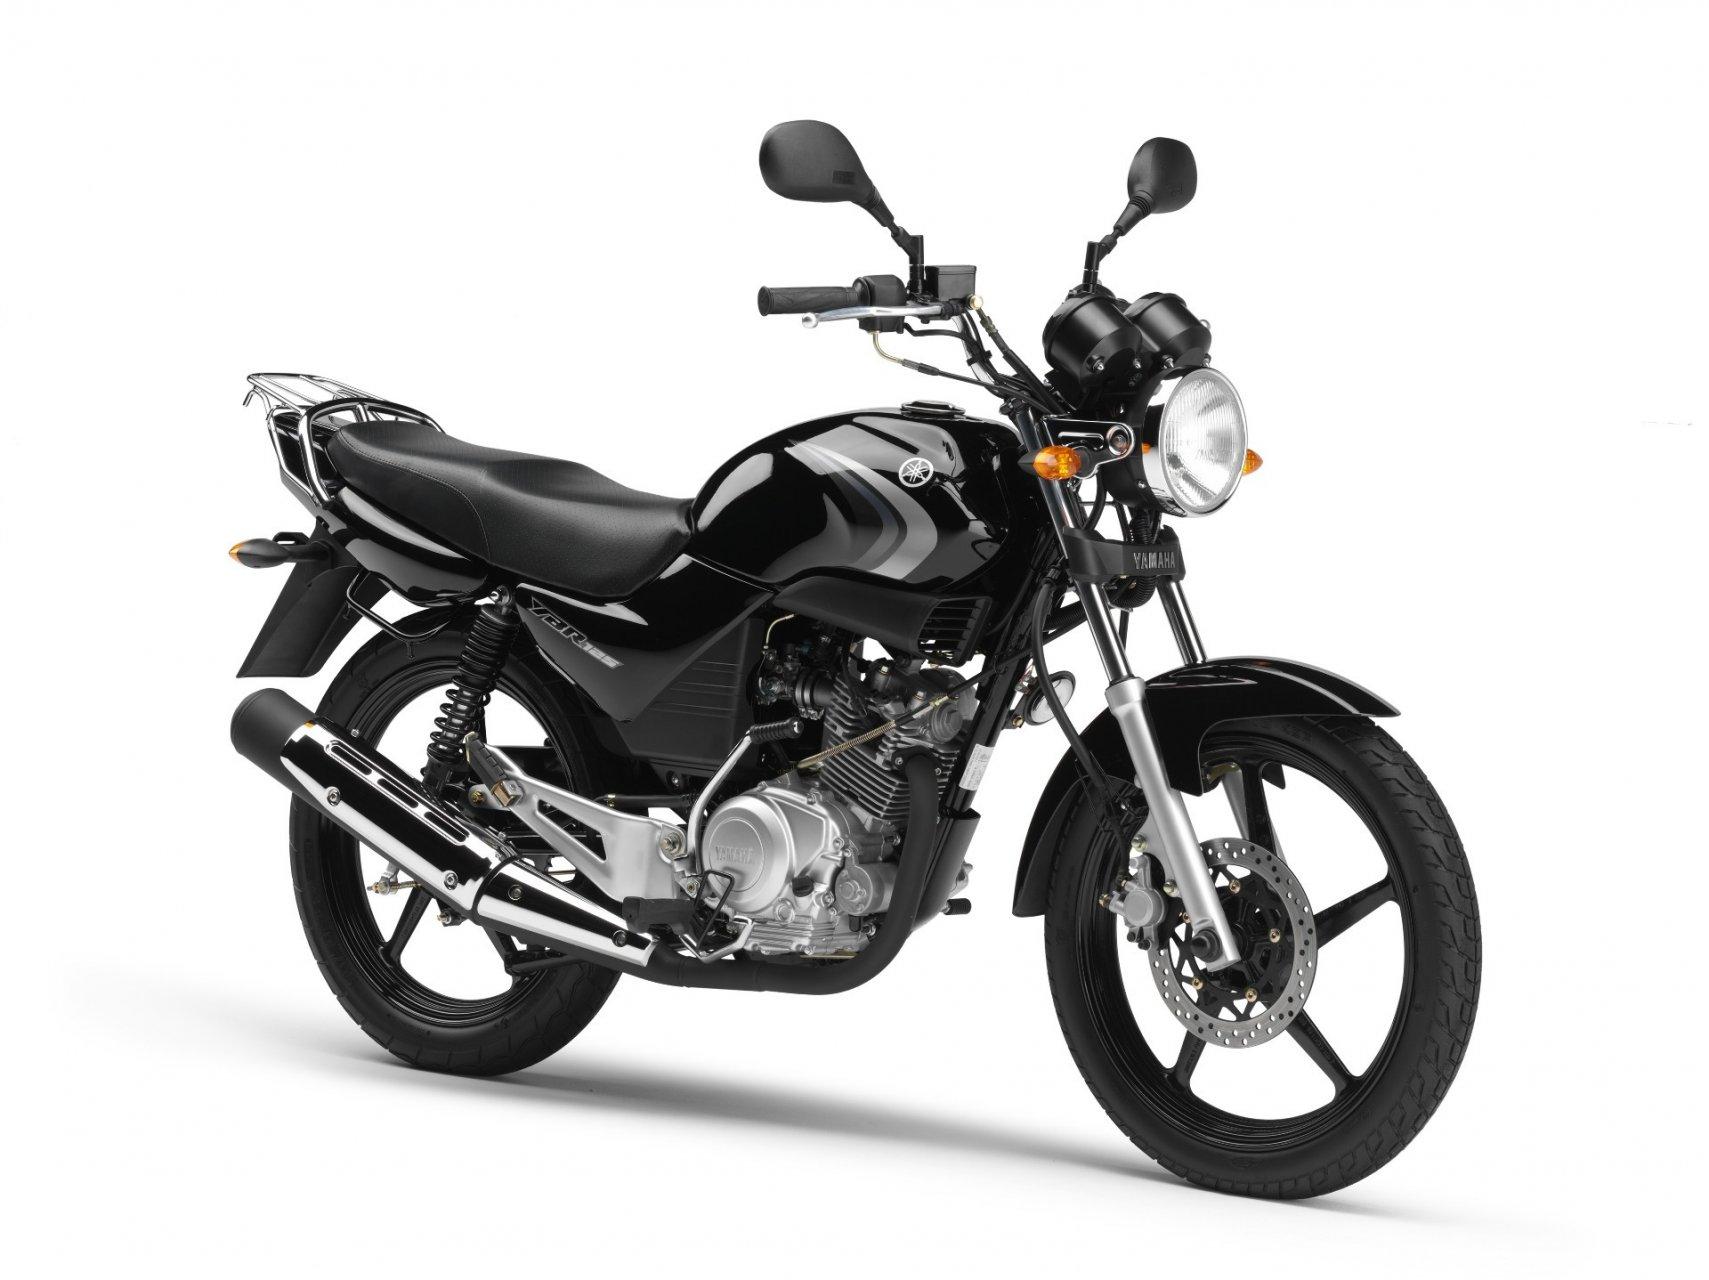 Todo sobre motos: Yamaha 125 YBR E